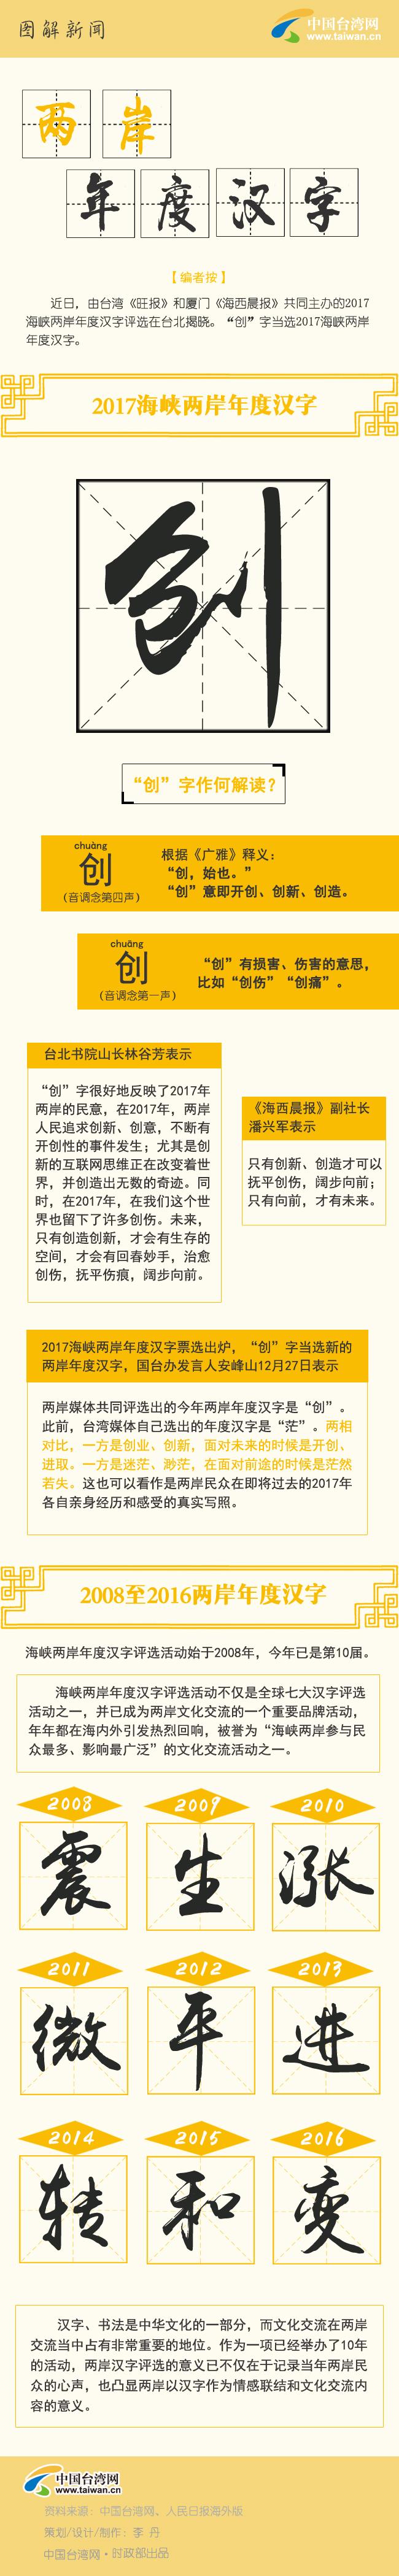 【图解新闻】两岸年度汉字